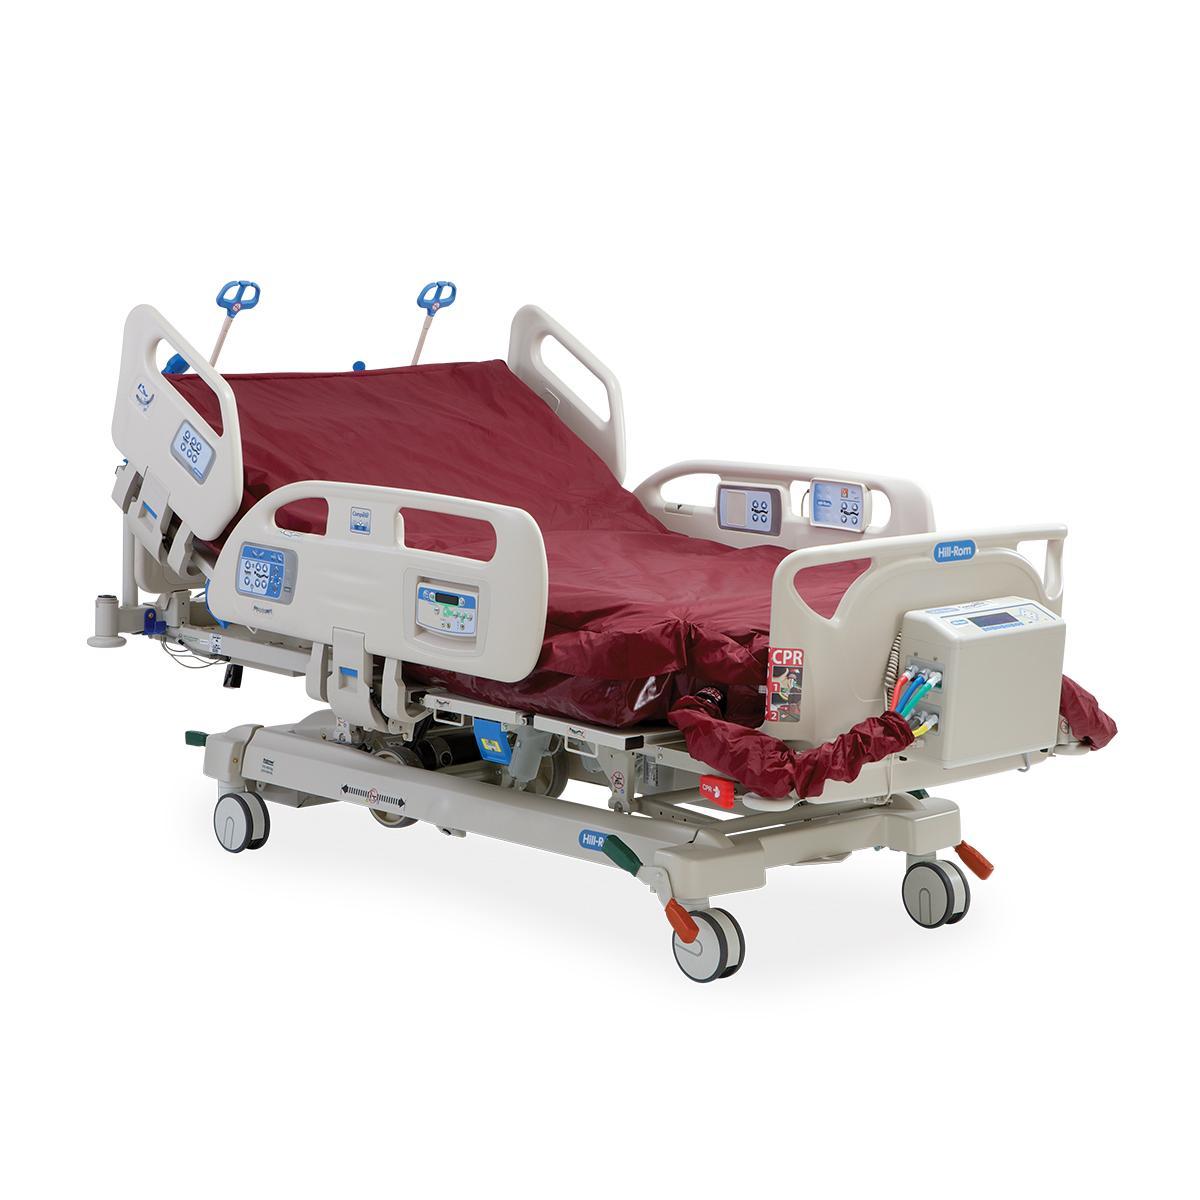 La conception du lit bariatrique Compella de Hillrom™ permet de préserver la dignité du patient, car elle est semblable à celle d'un lit d'hôpital standard.